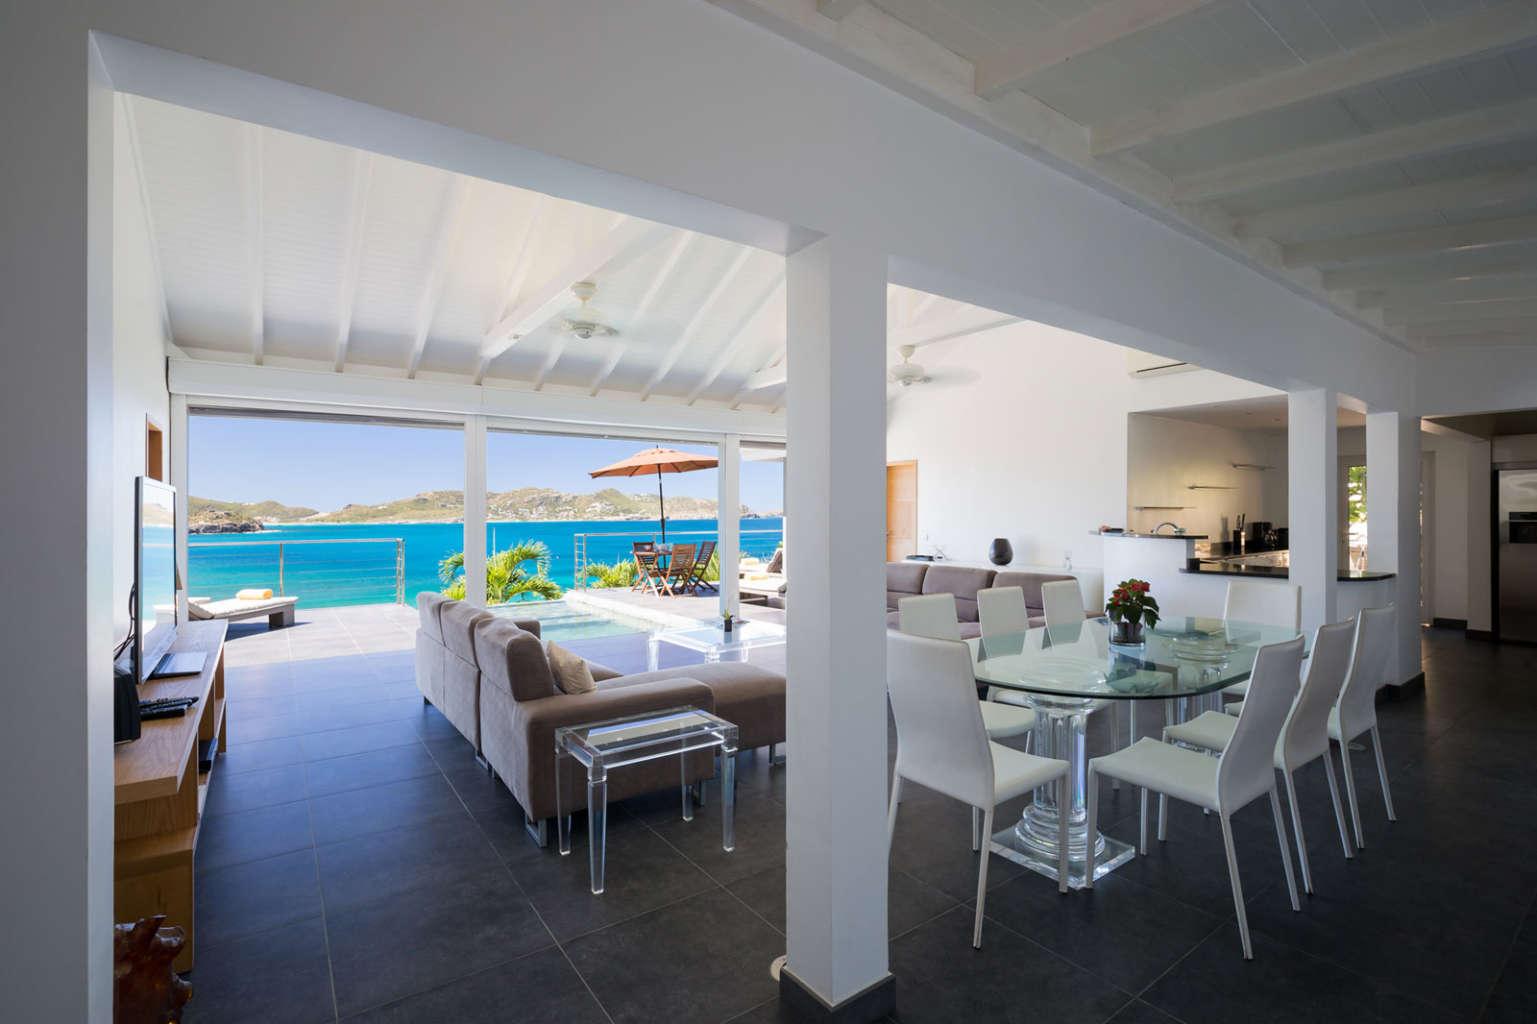 Villa Mirande - 4 Bedroom Villa Rental St Barth Height of Pointe Milou - Patio